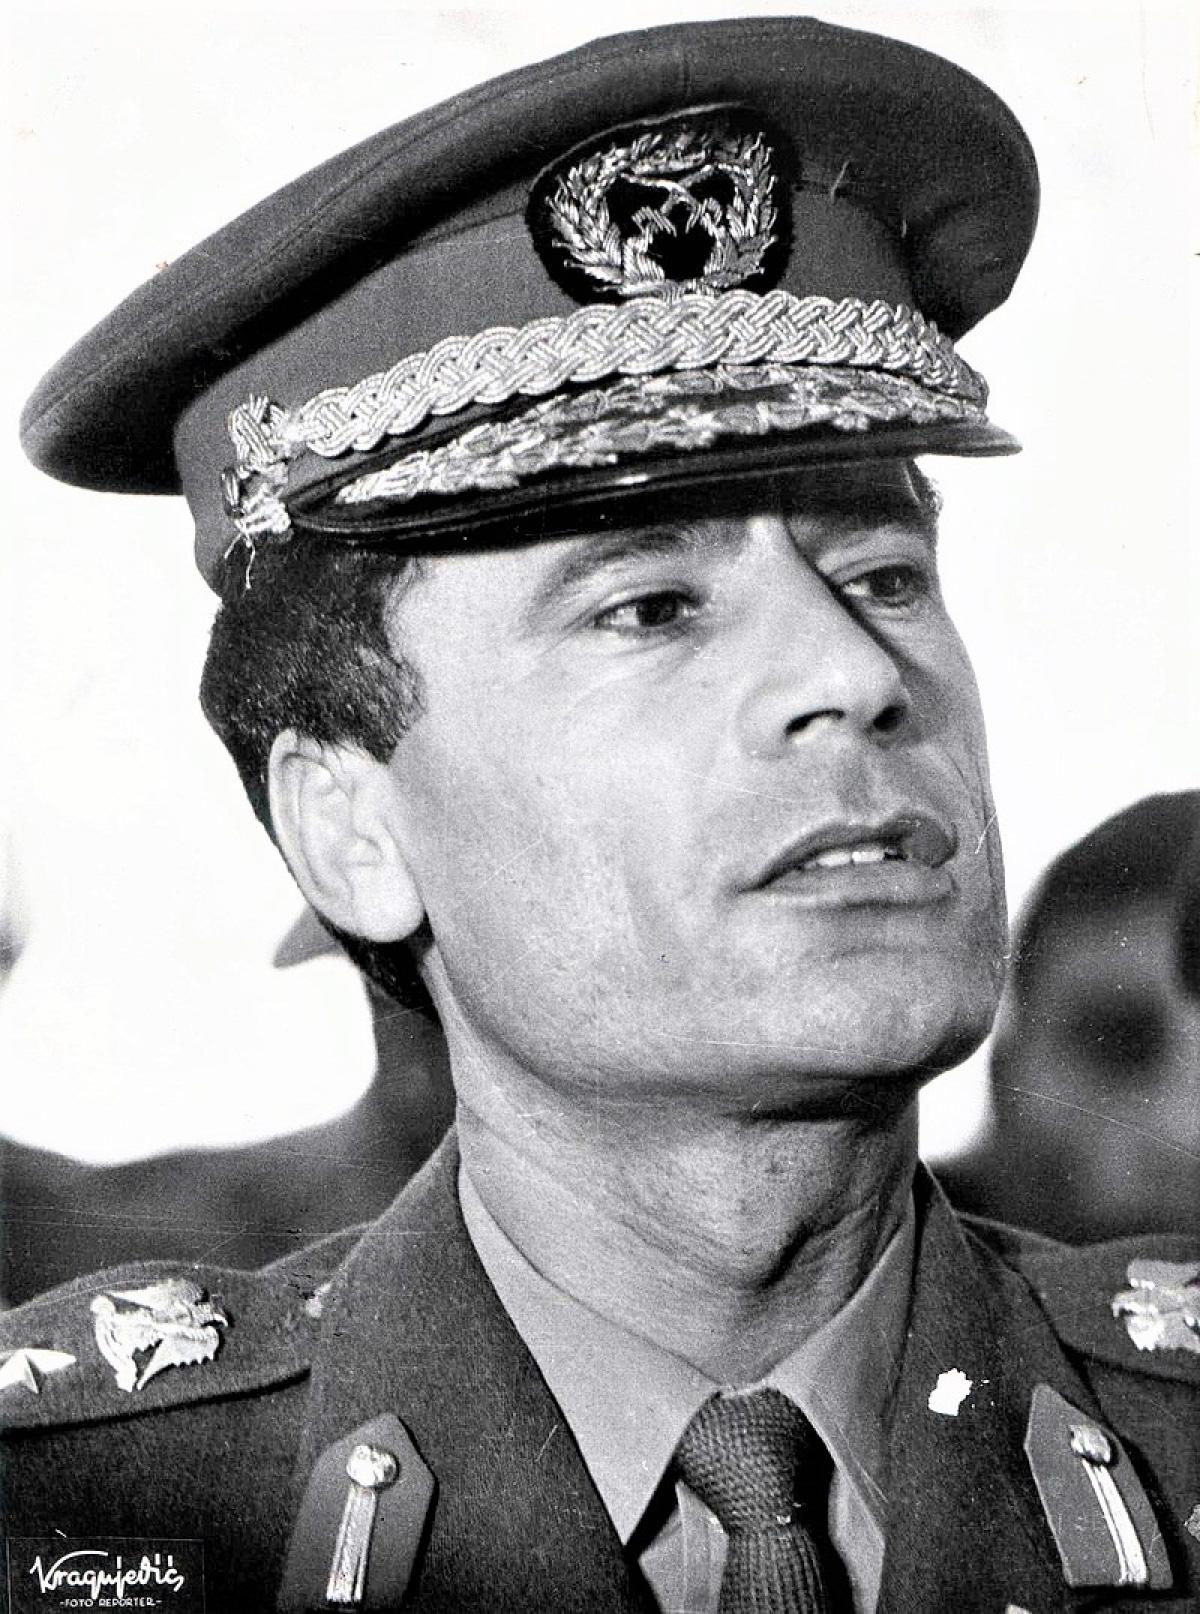 Nhà lãnh đạo Lybia Gaddafi từng muốn trả bao nhiêu để có vũ khí nguyên tử? - Ảnh 1.